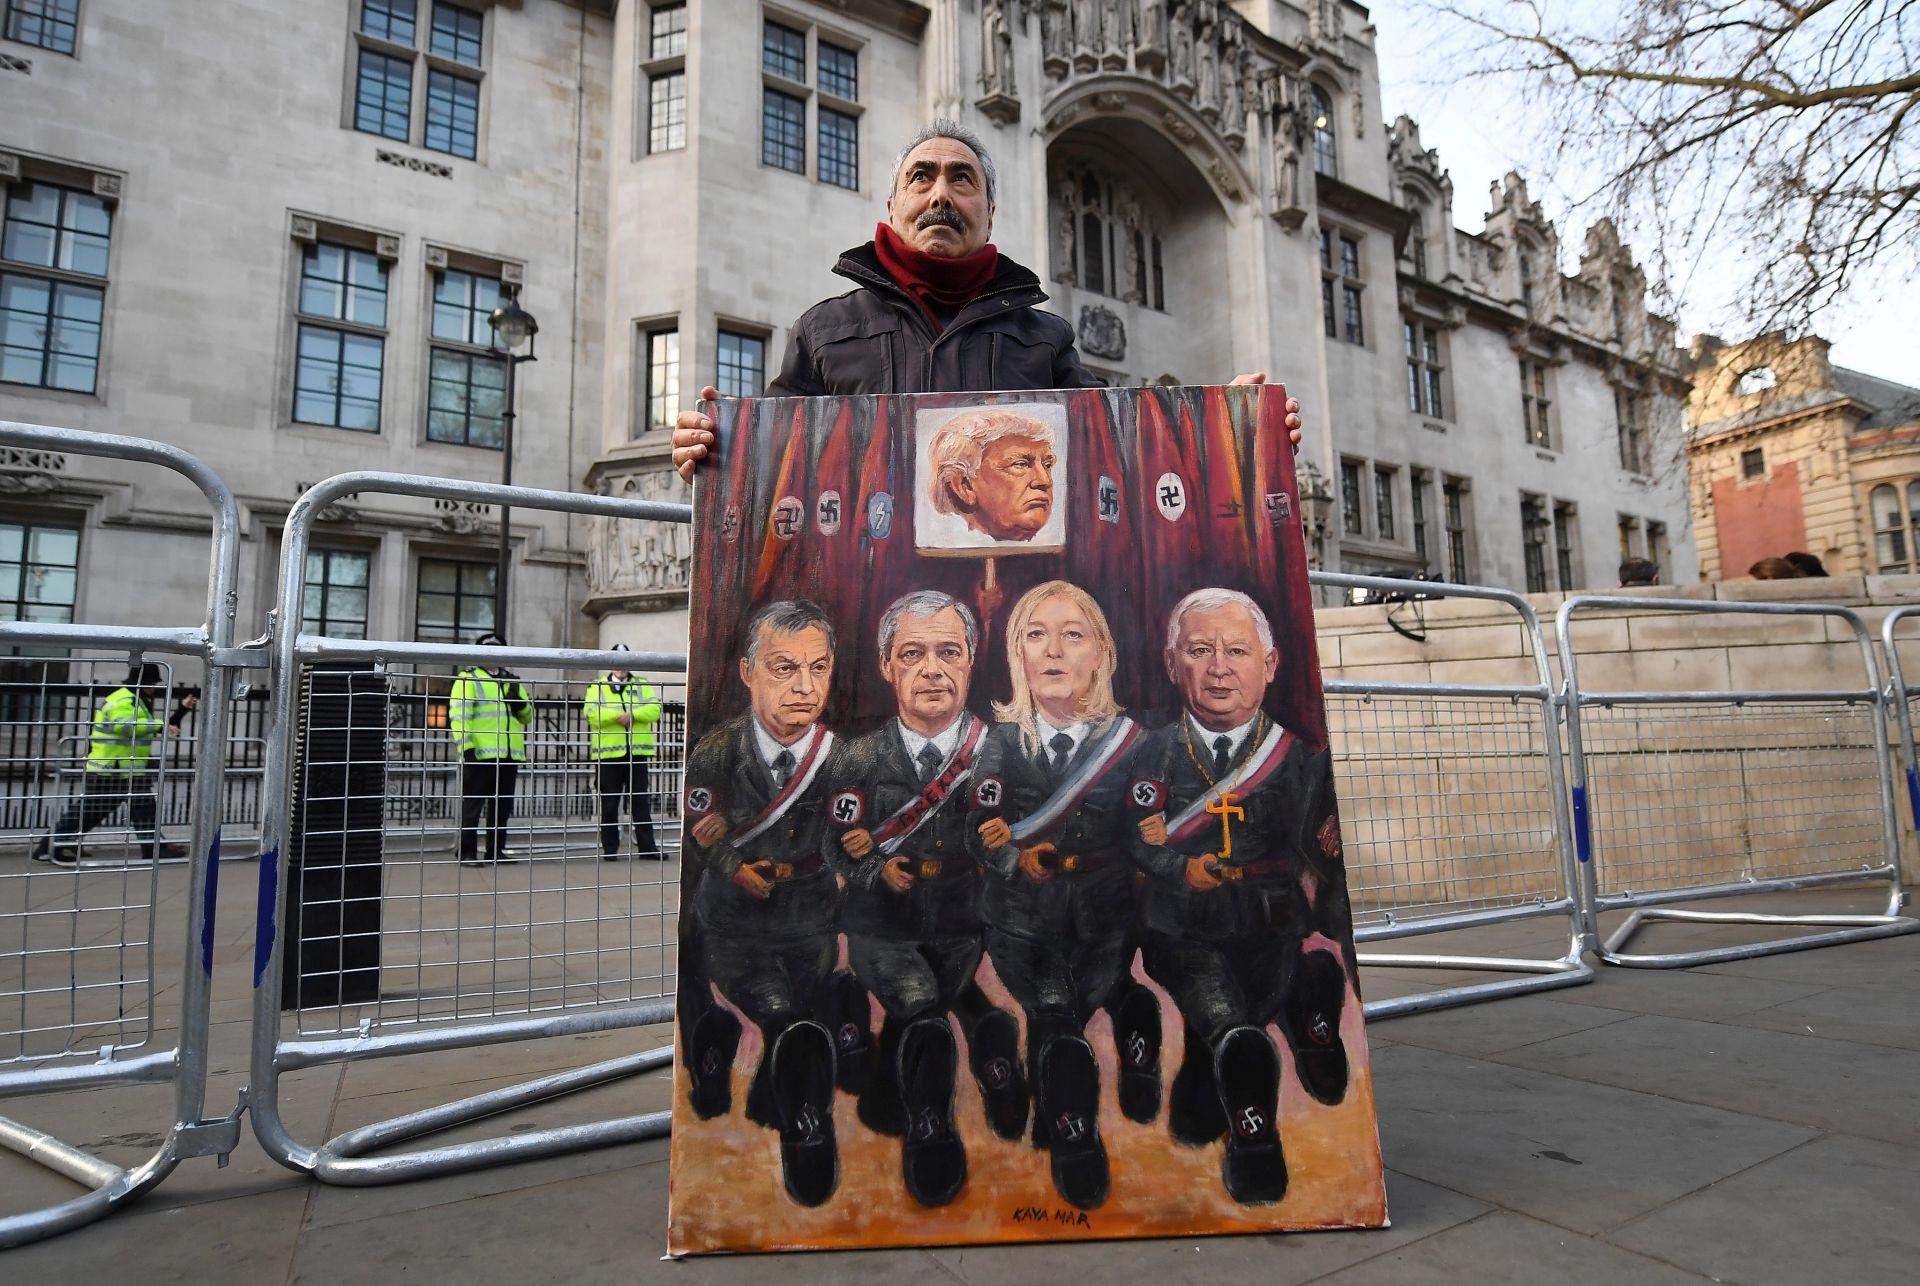 OCJENA HRW-a: Trump i europski populisti su prijetnja ljudskim pravima